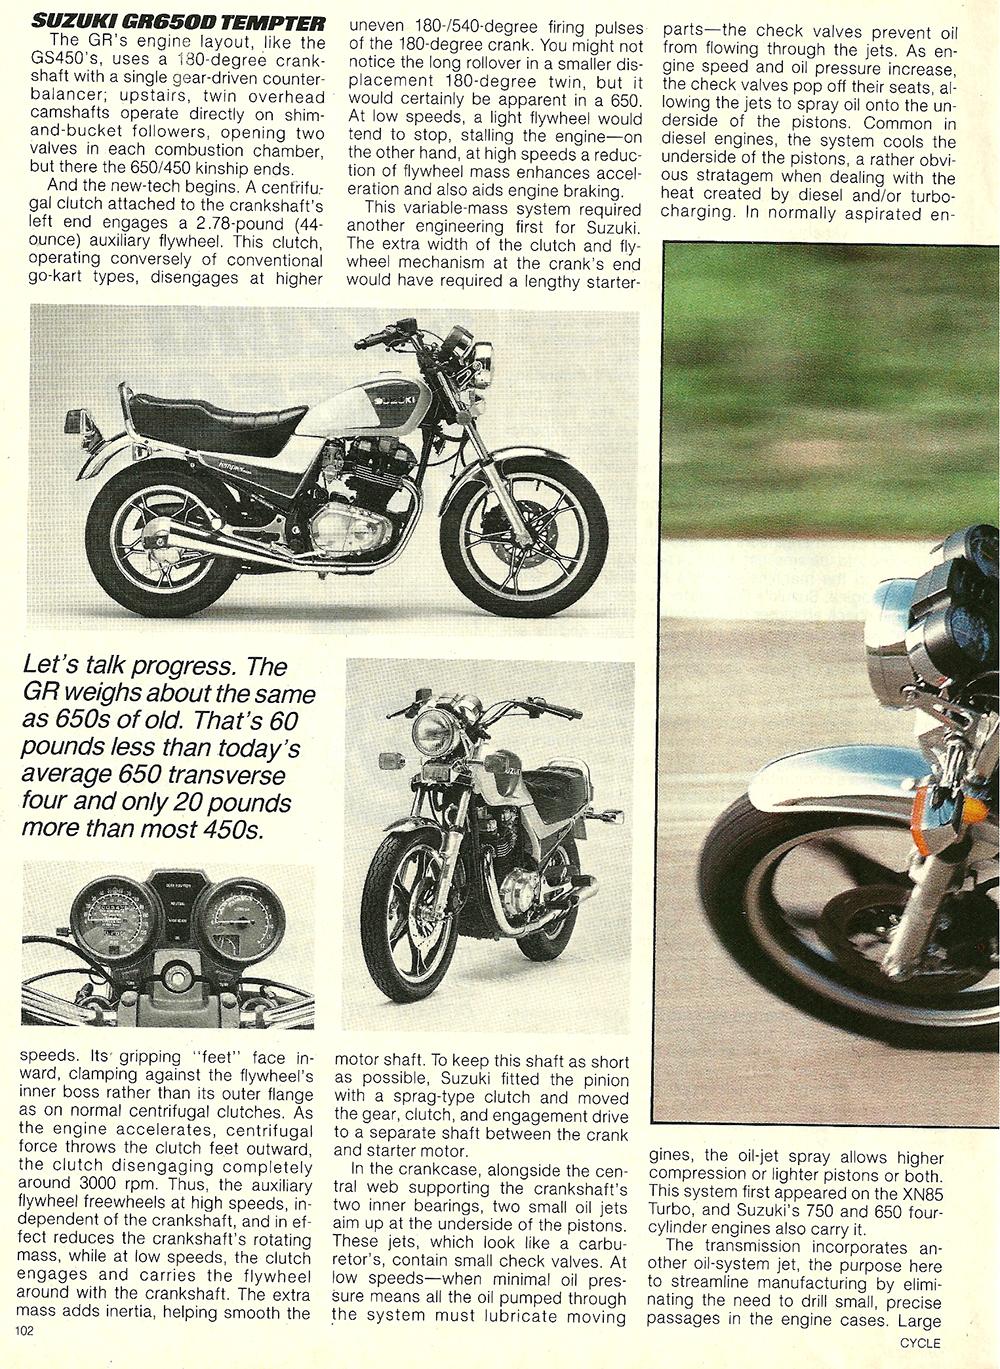 1983 Suzuki GR650D Tempter road test 3.jpg